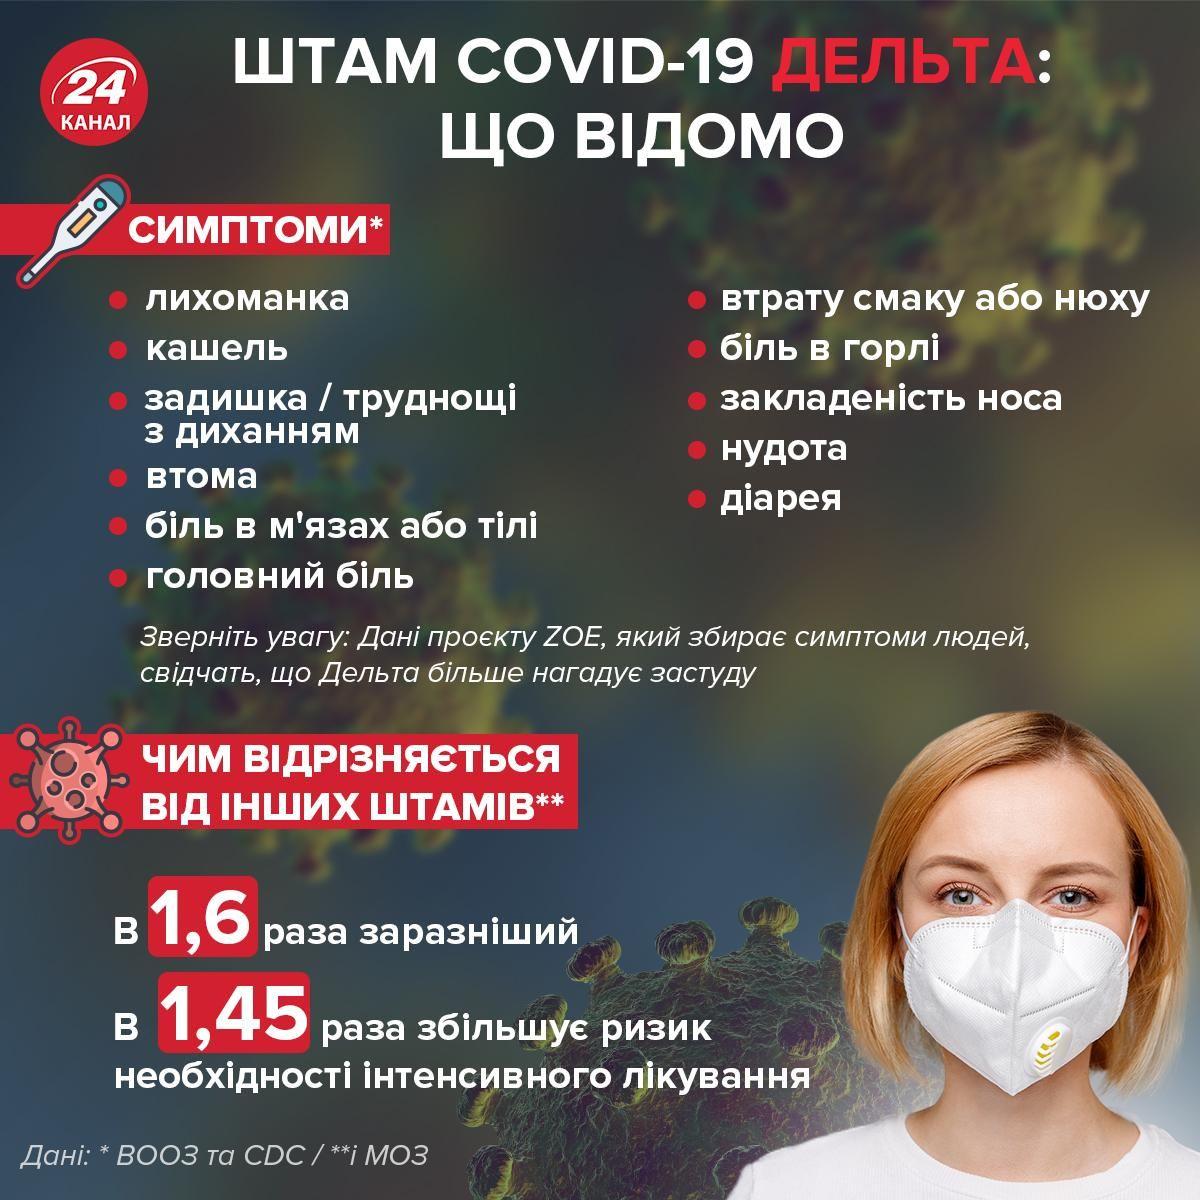 Що відомо про штам коронавірусу Дельта інфографіка